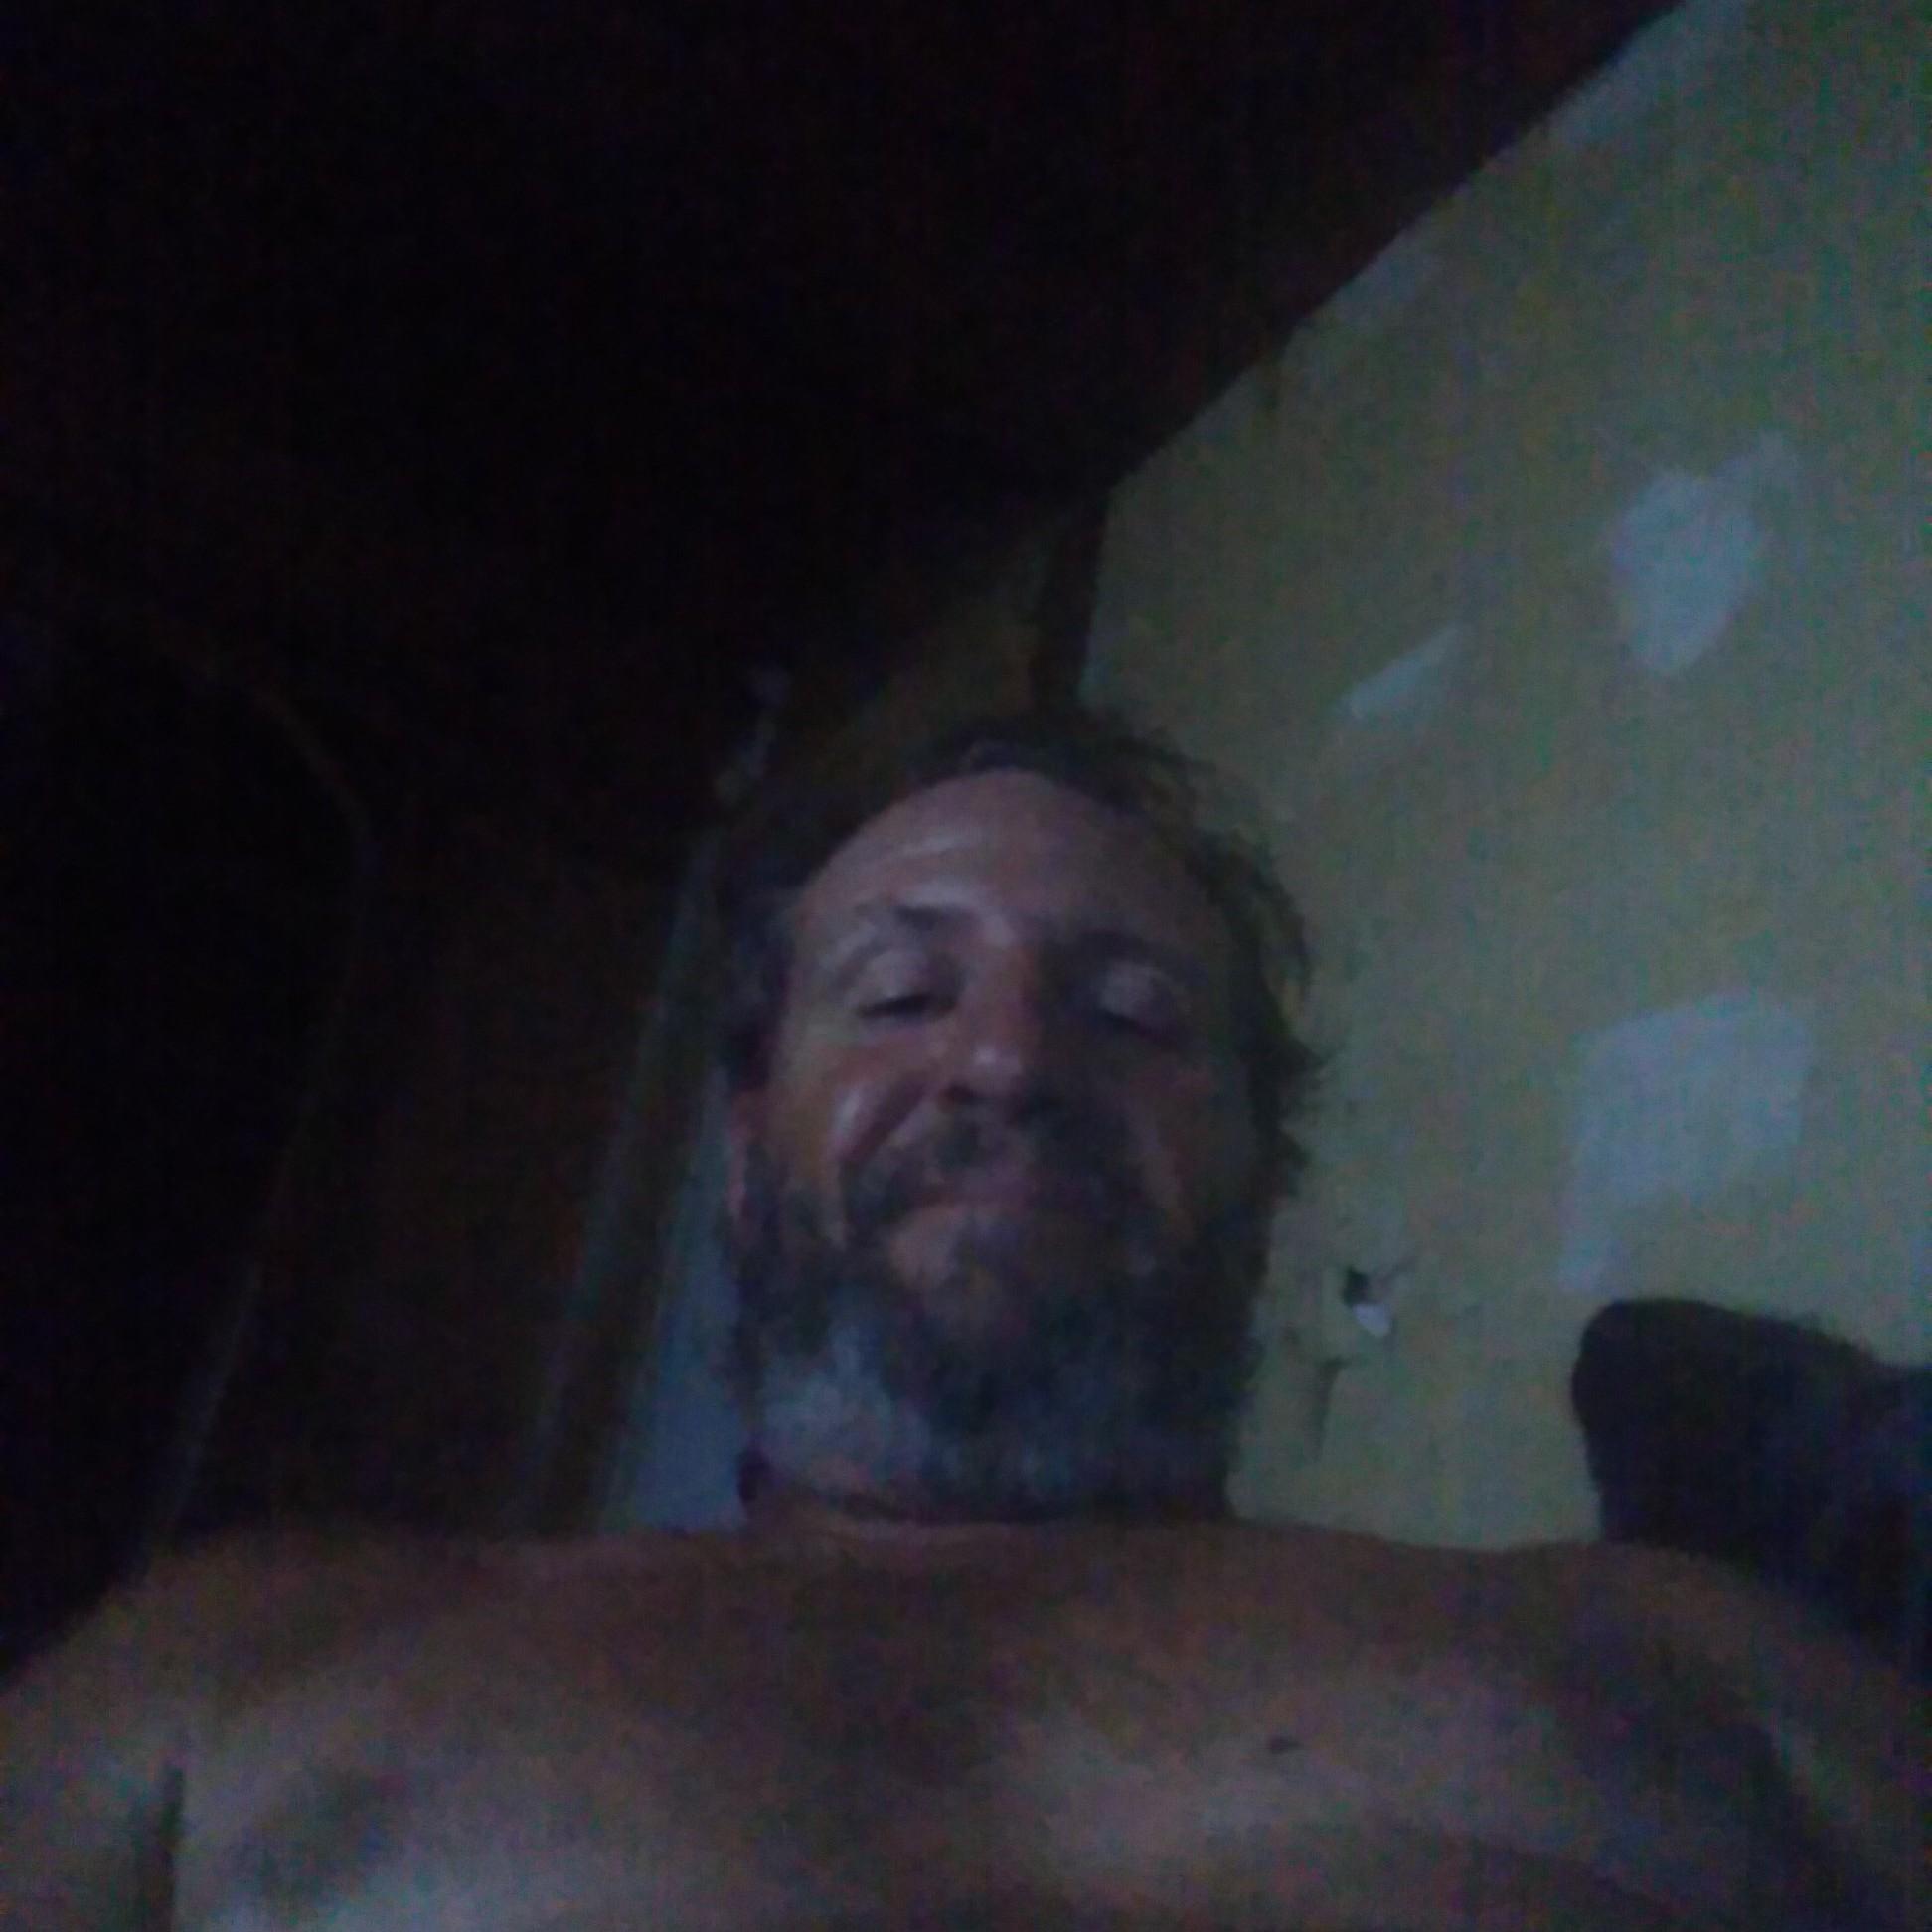 http://catch-app.oss-us-east-1.aliyuncs.com/image/1626412204933-cbcb7147-1e10-4da9-b7c7-d98857048701.jpg